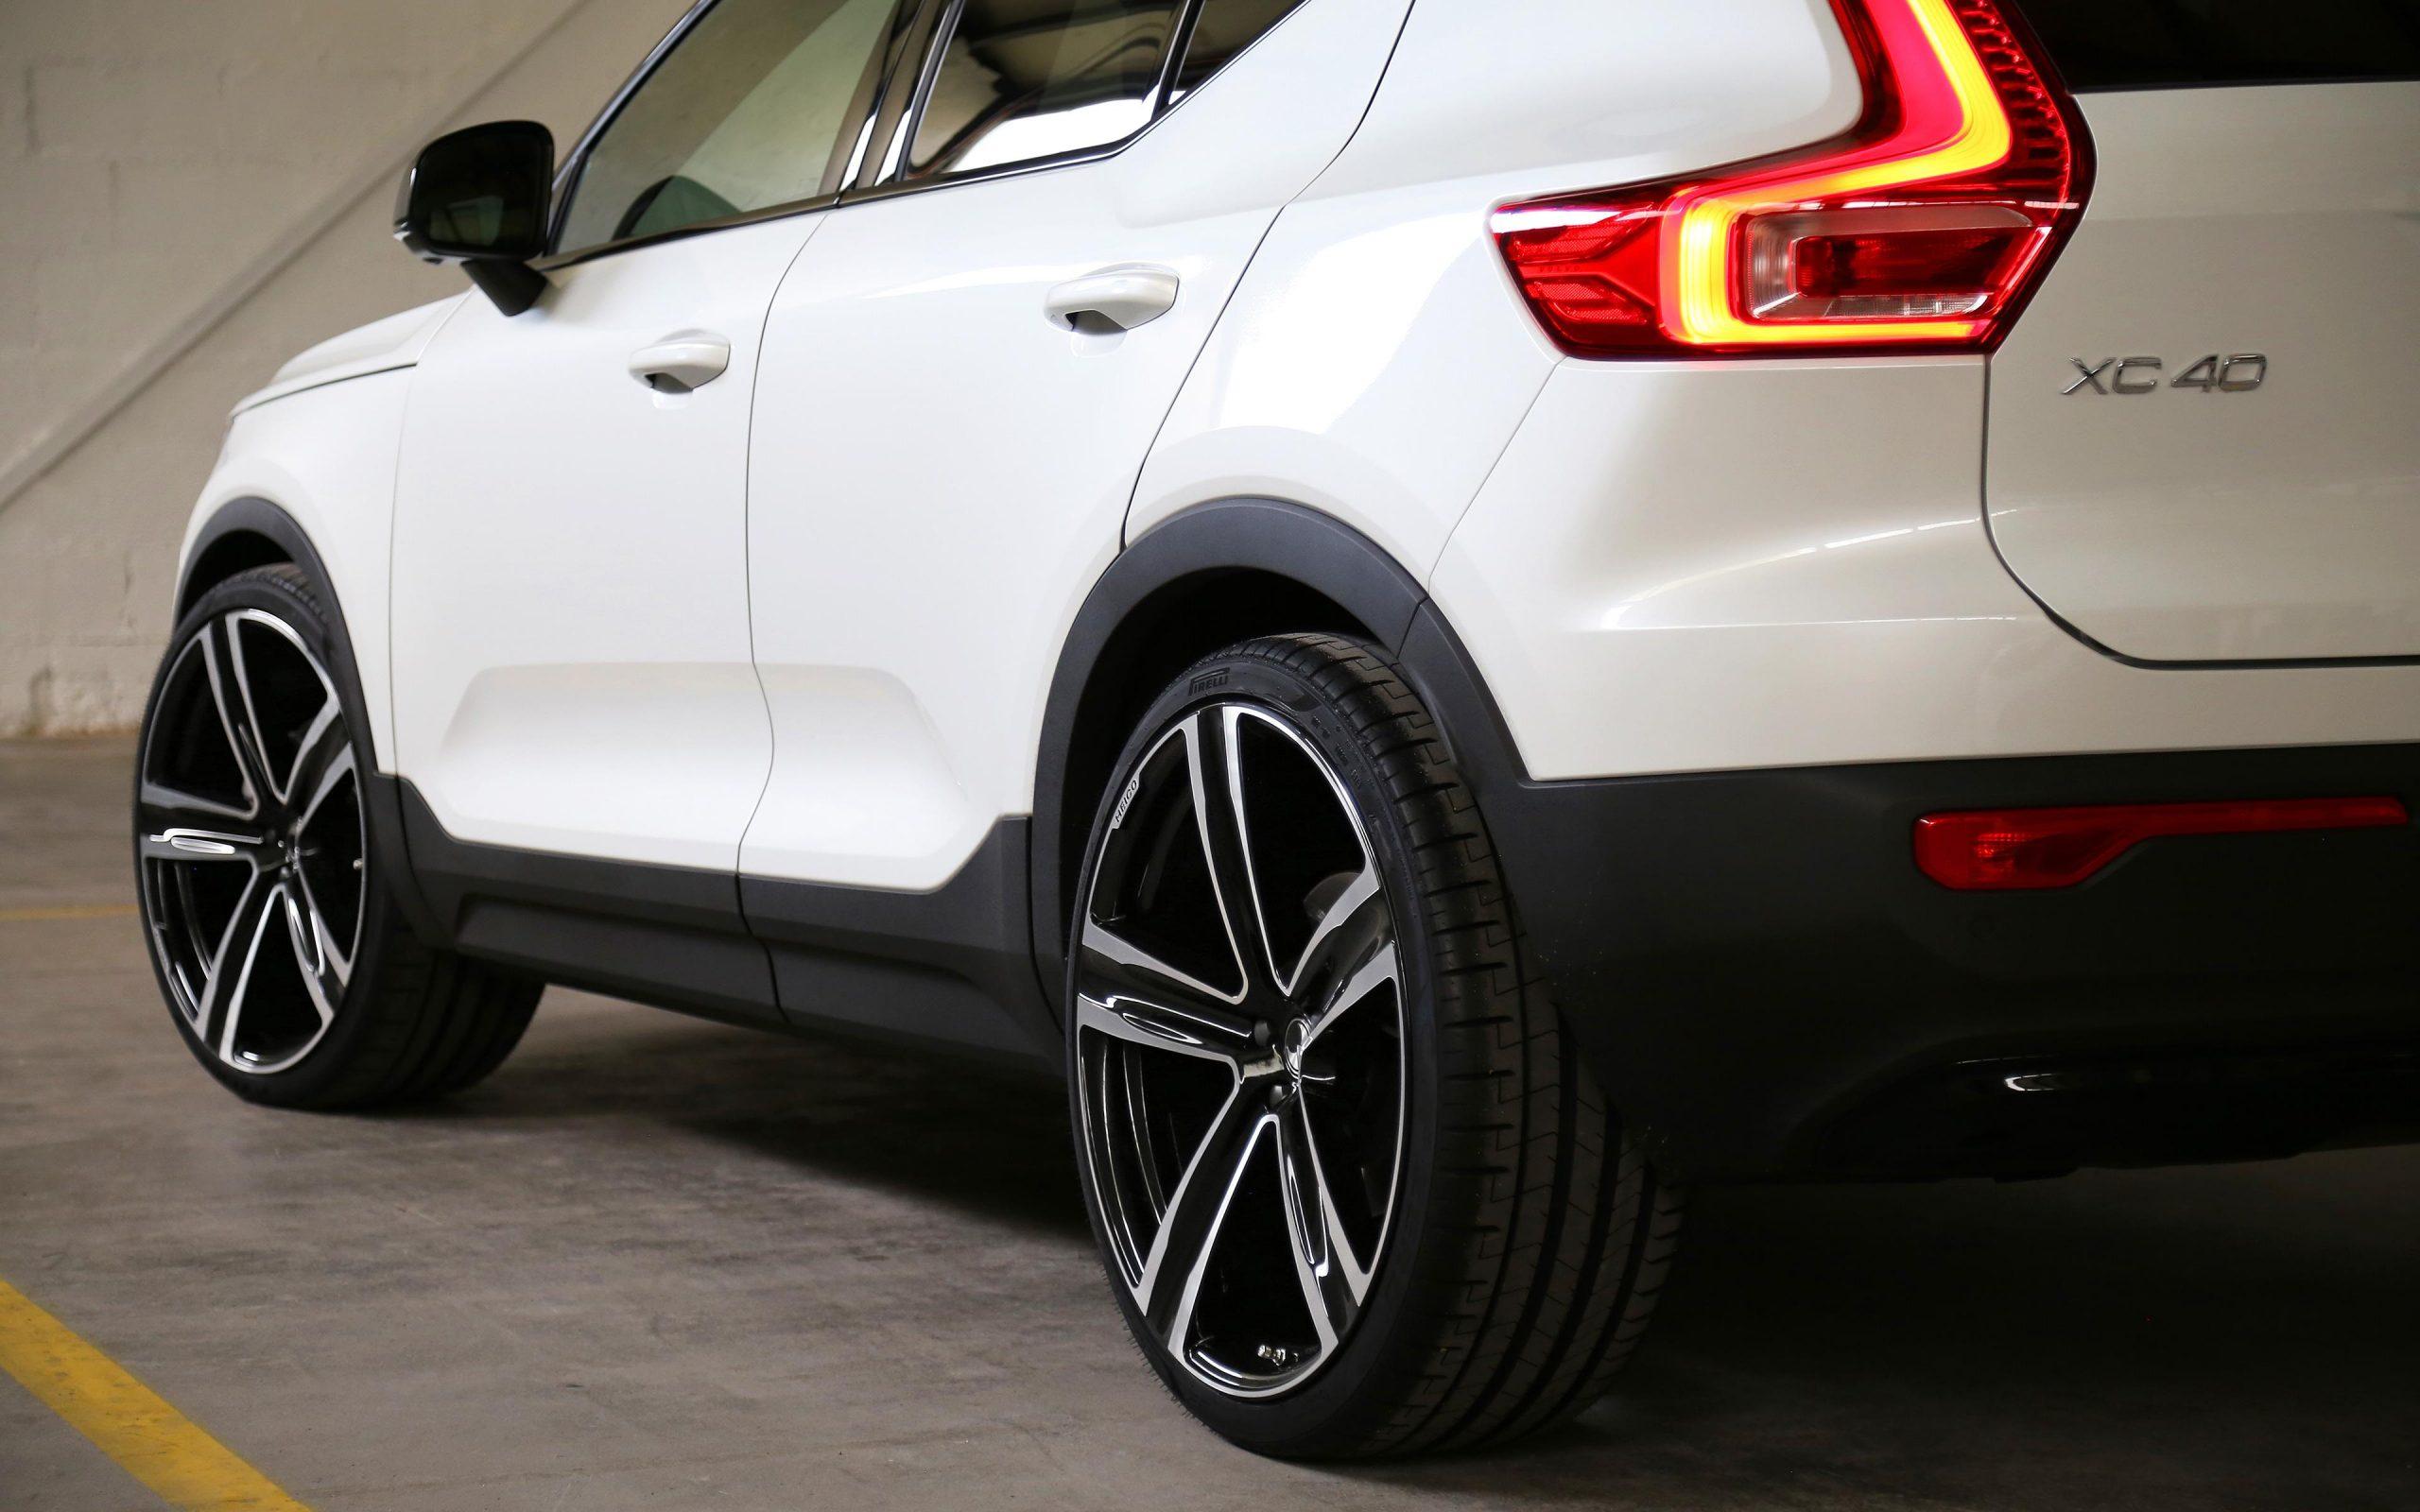 heico-sportiv-xc40-536-volution-v22-rear-3_2